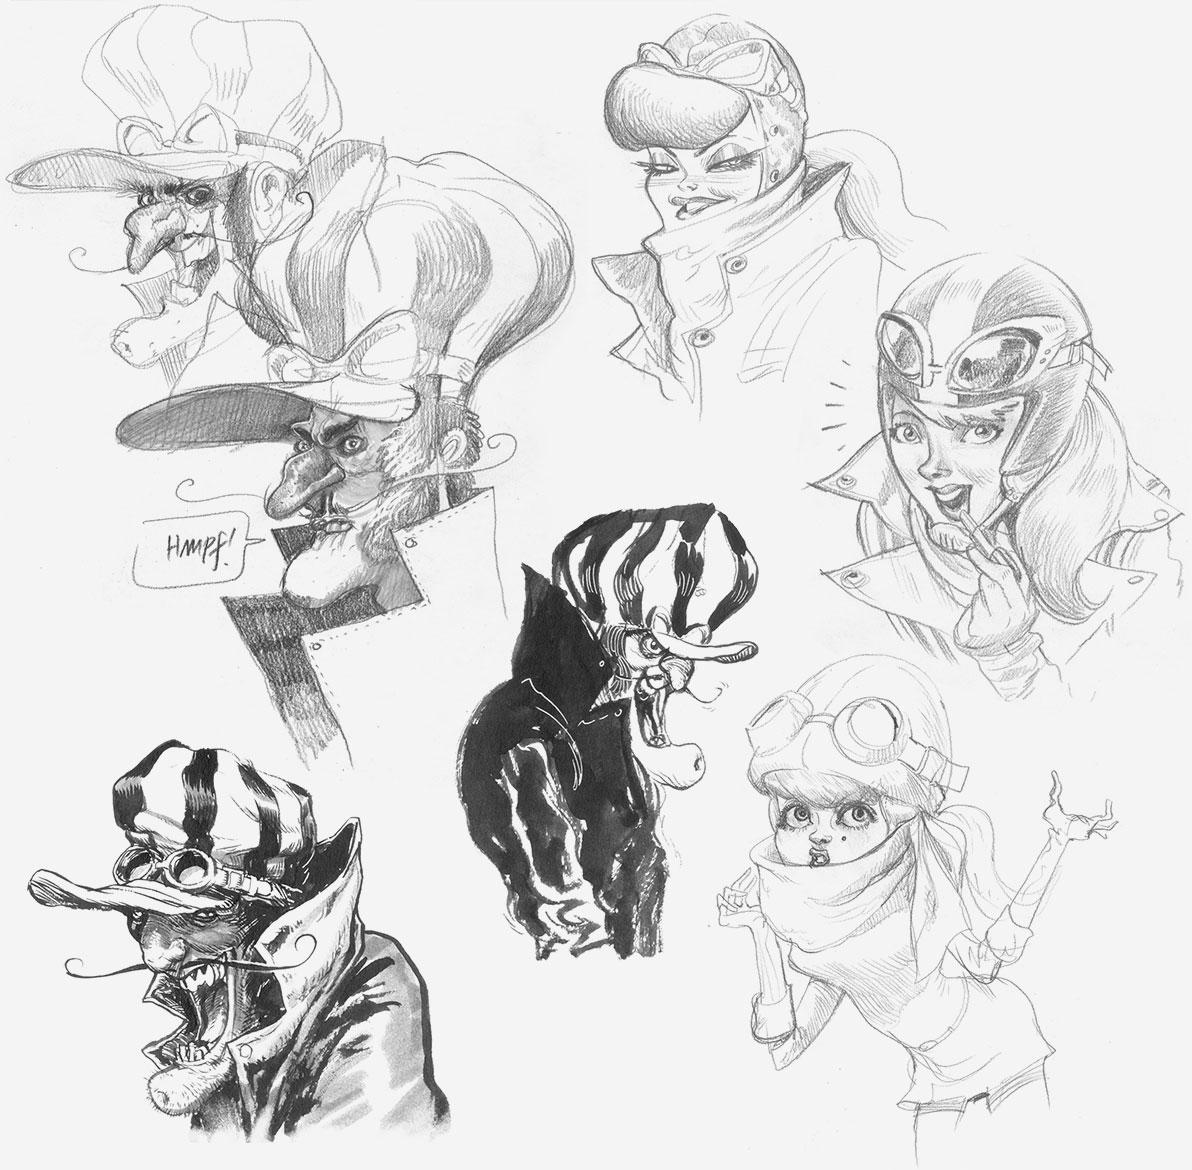 macacolandia-sketches-corrida-maluca